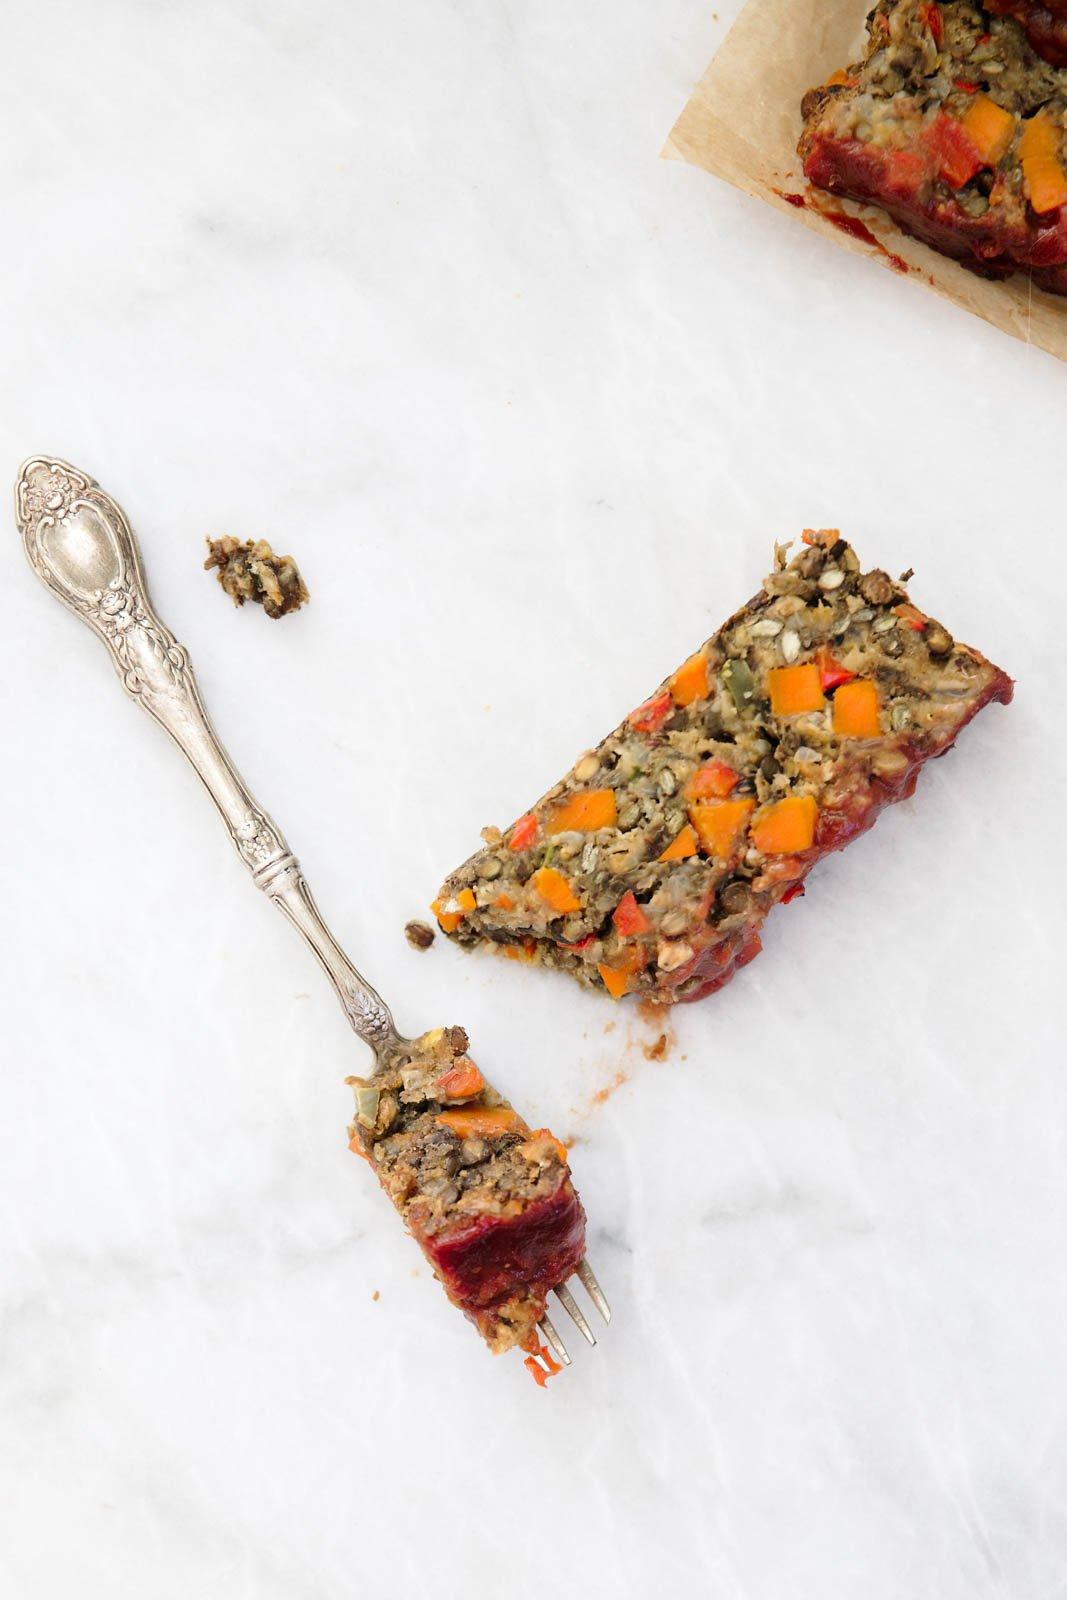 a slice of lentil loaf with a fork